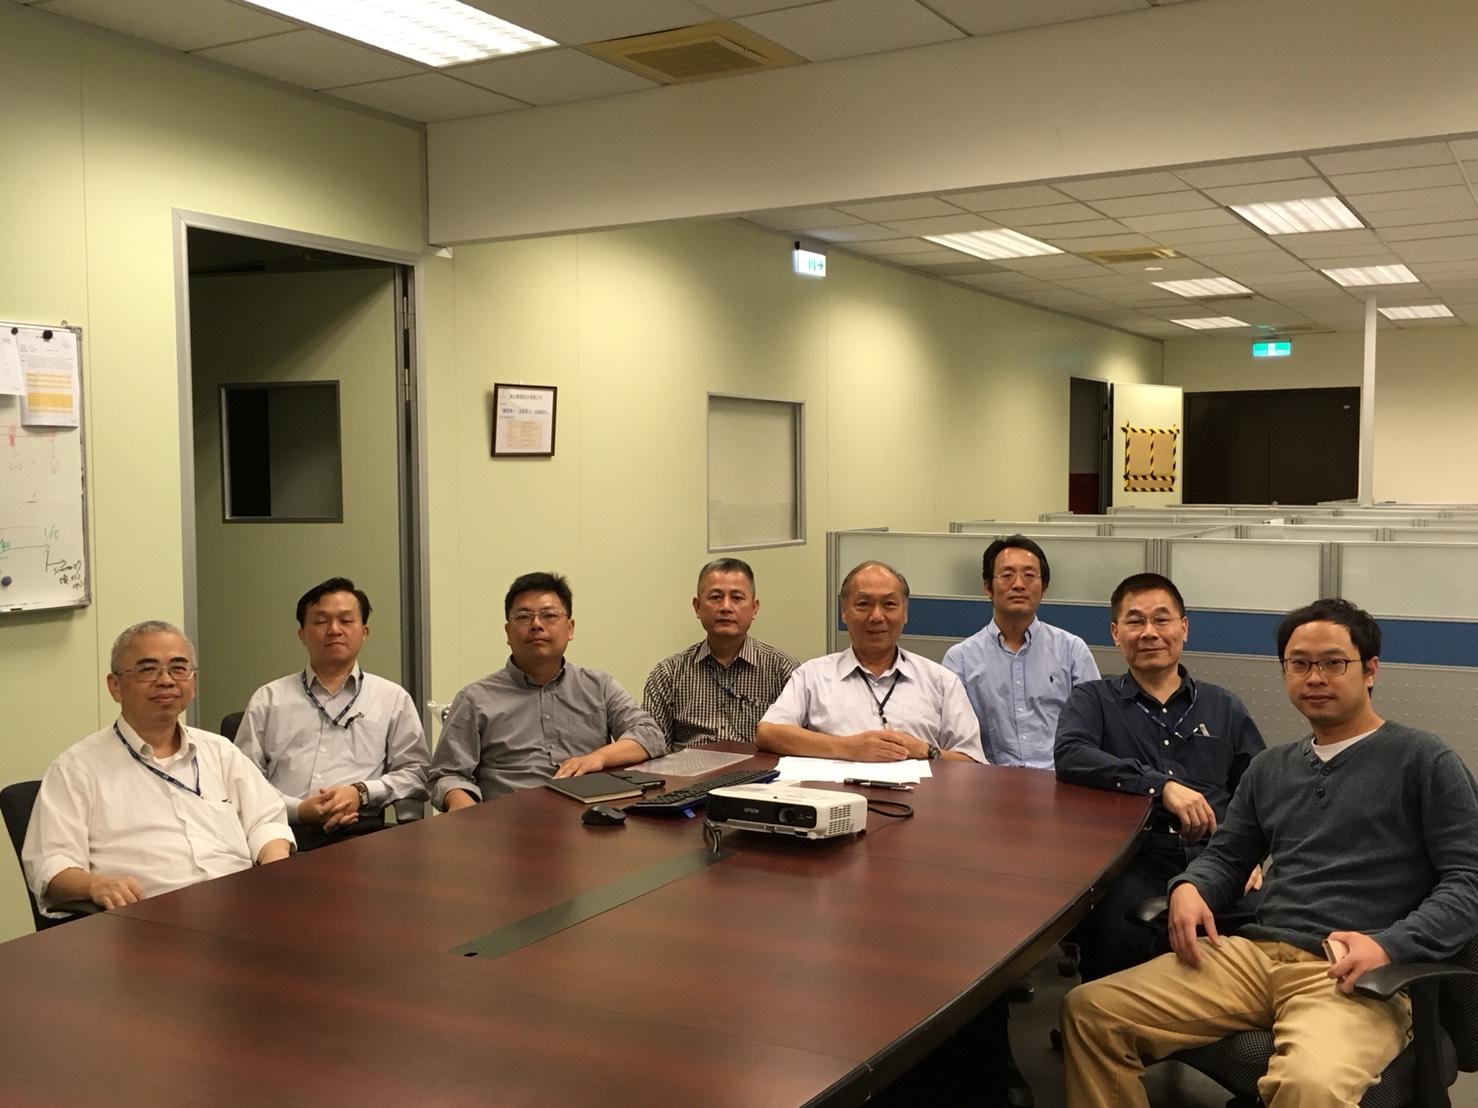 團隊在公司會議室合照